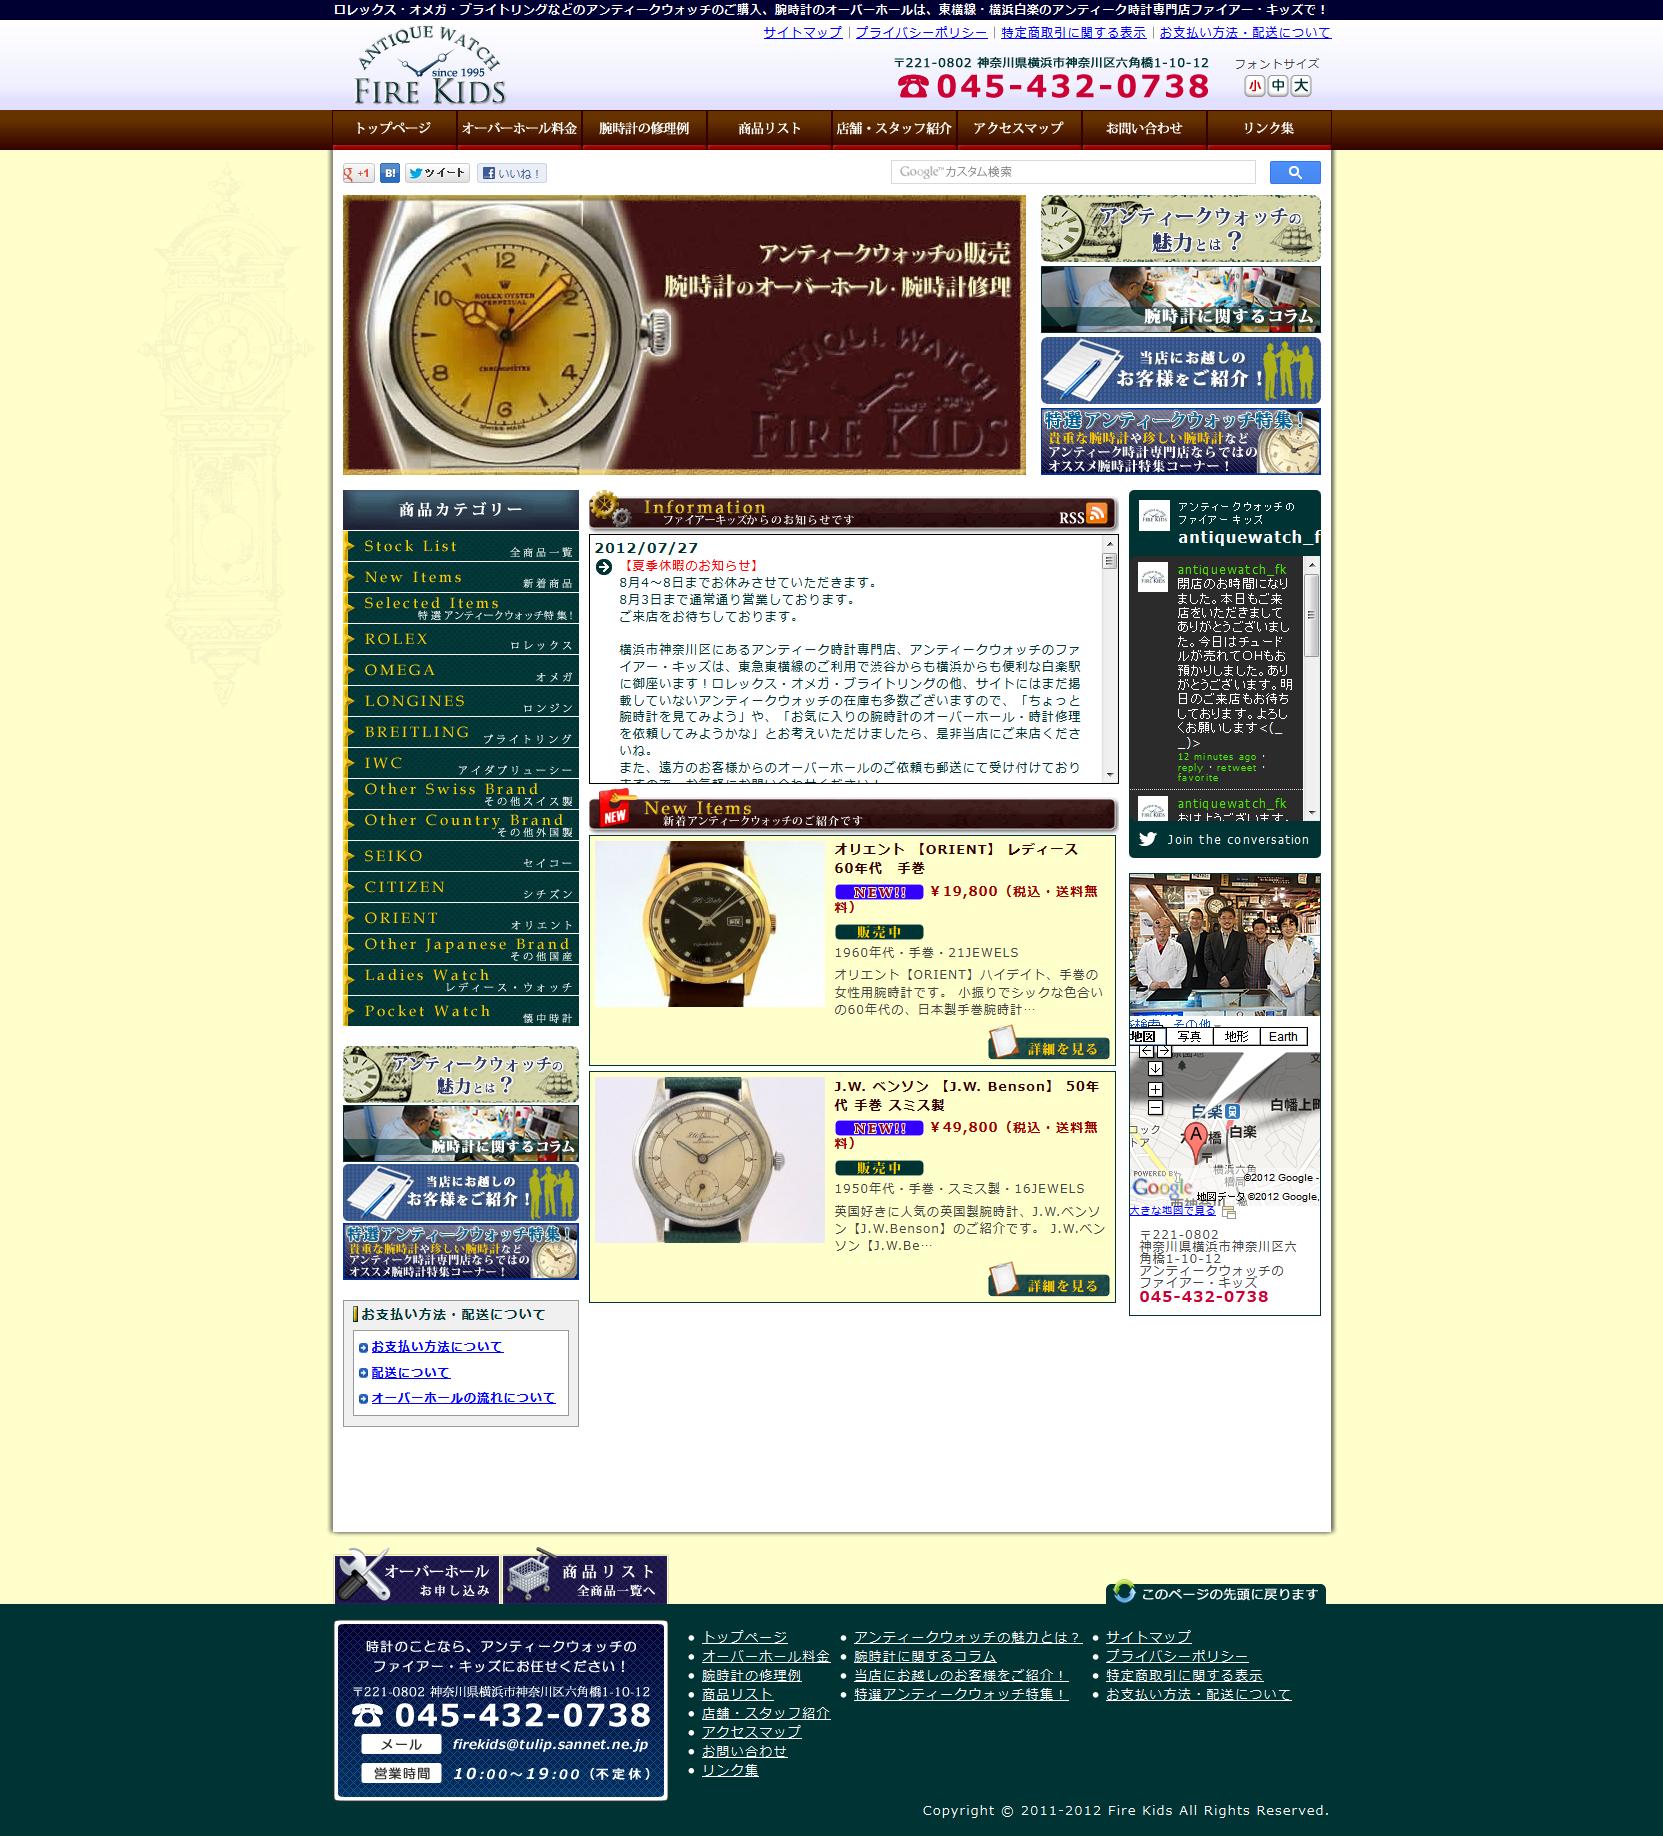 腕時計のオーバーホール・販売をおこなう横浜白楽の時計店 アンティークウォッチのファイアー・キッズ